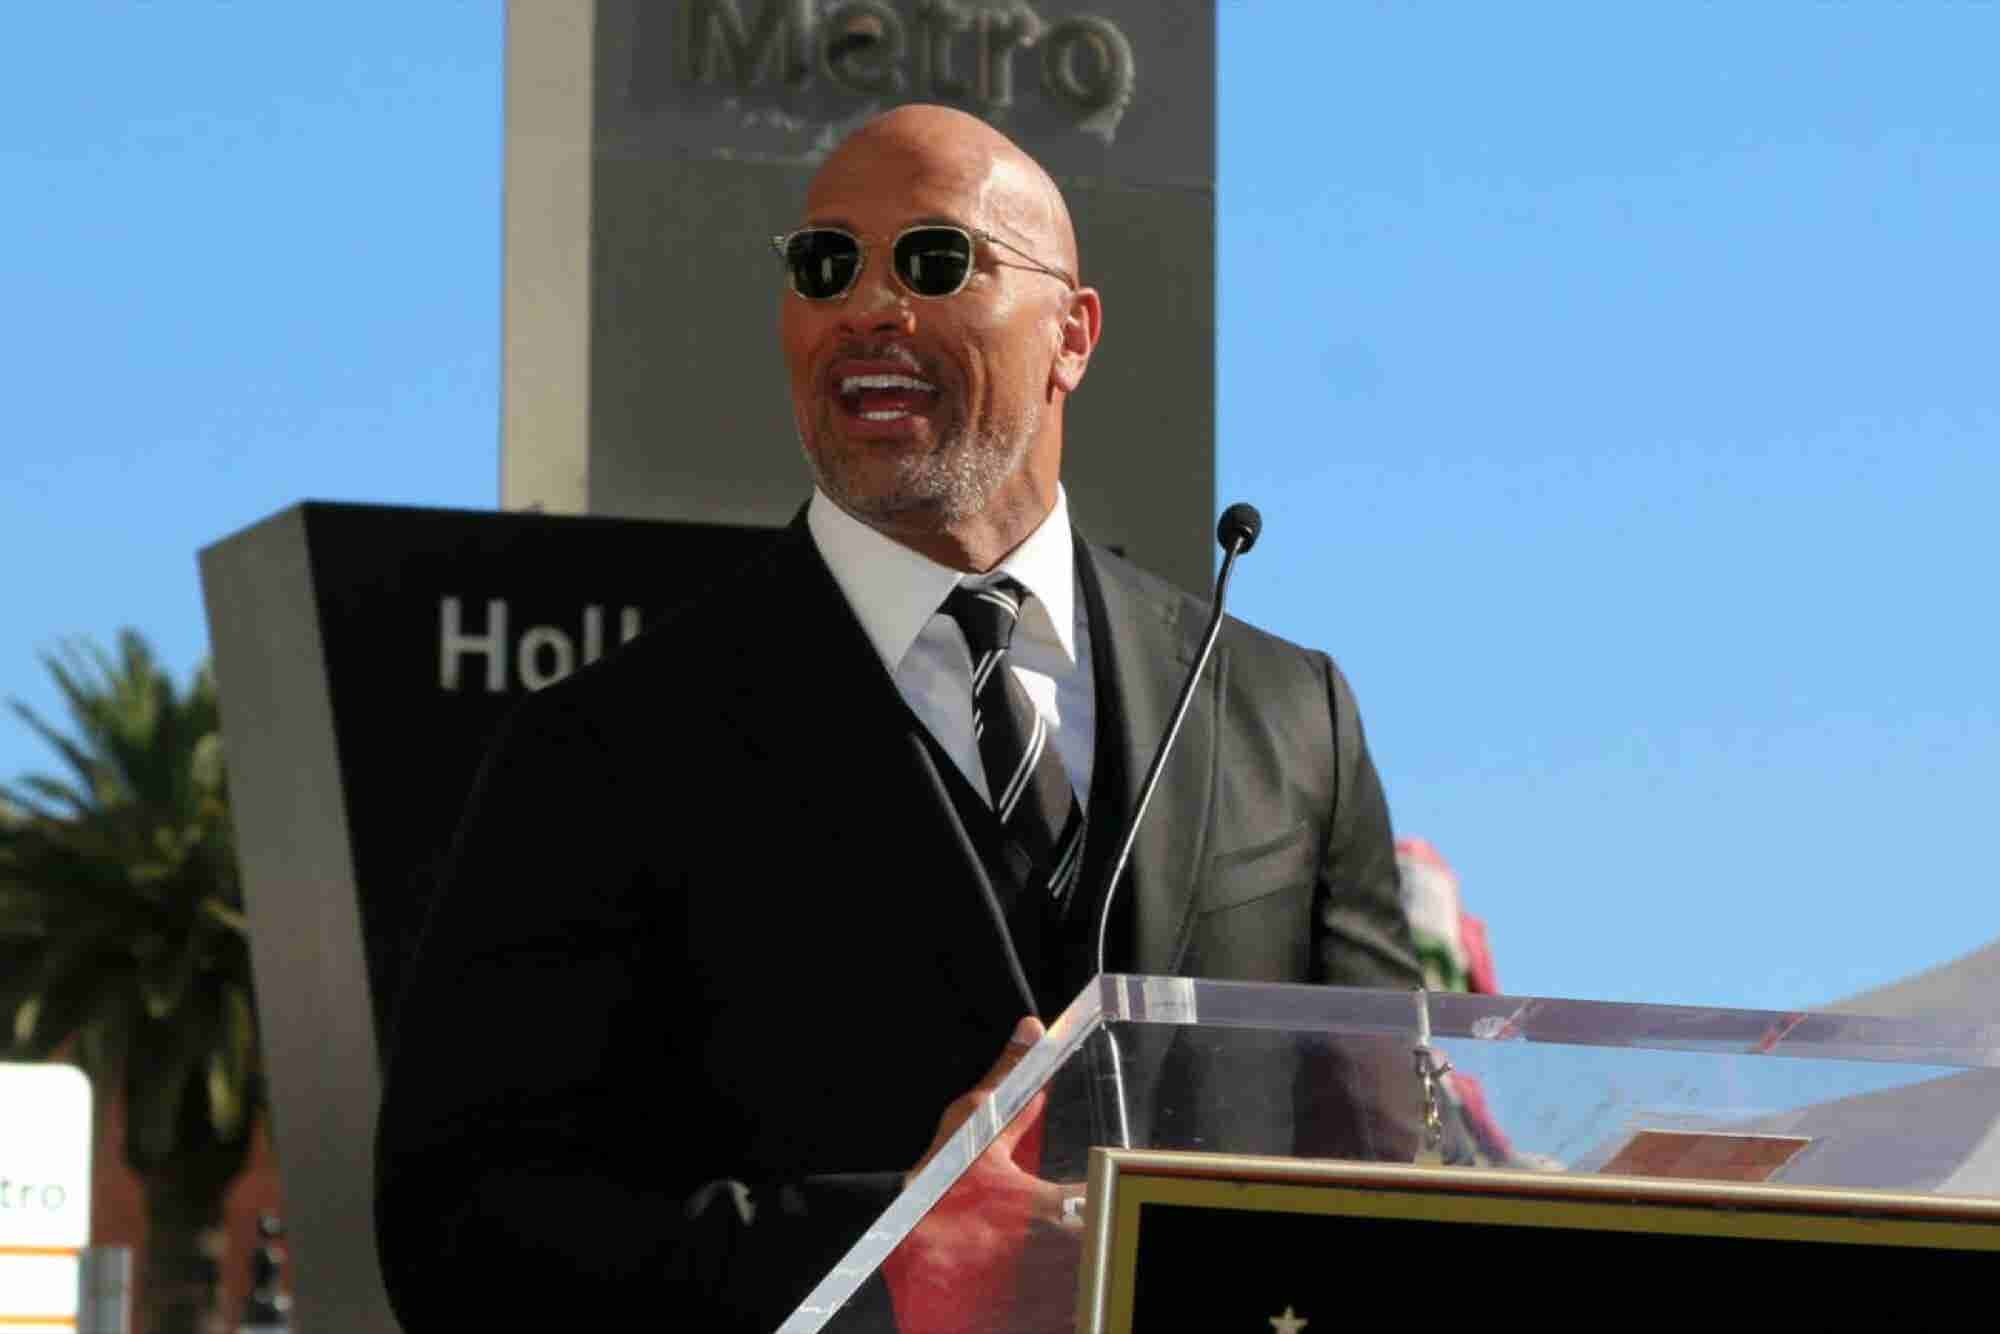 De luchador al mejor pagado de Hollywood: Cómo La Roca se convirtió en una marca multimillonaria